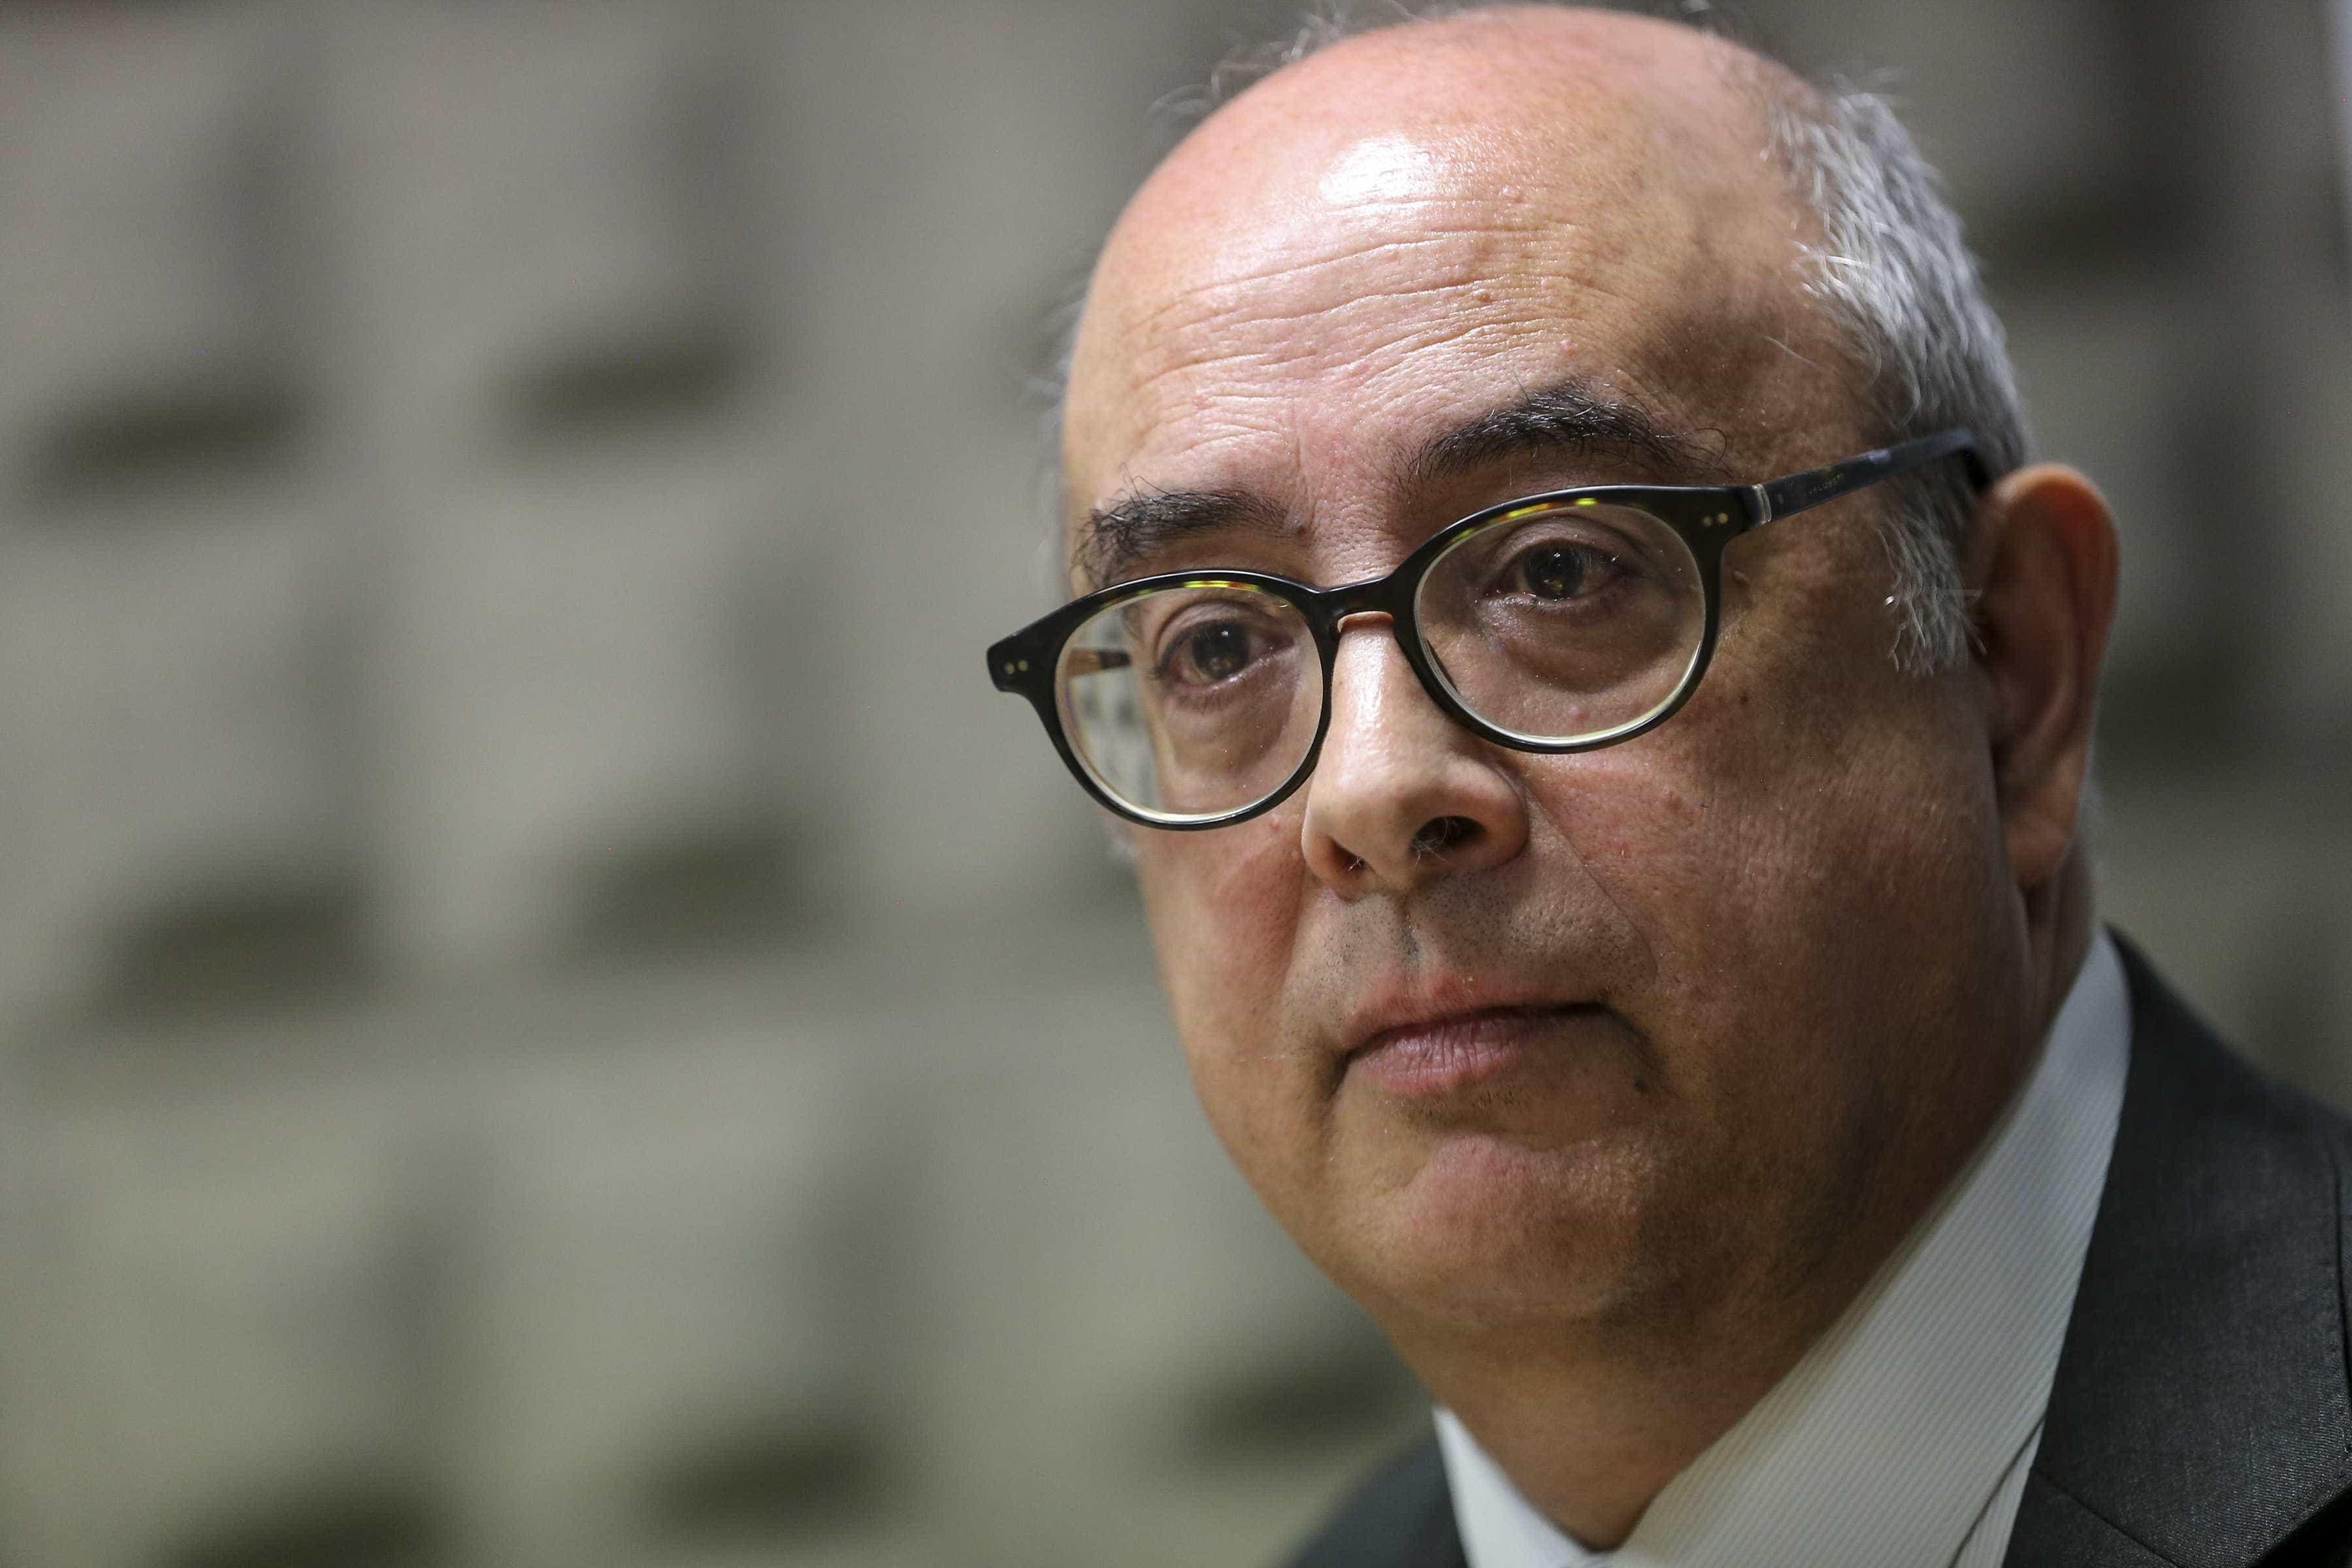 Ministro da Defesa em risco de ser constituído arguido na Operação Húbris